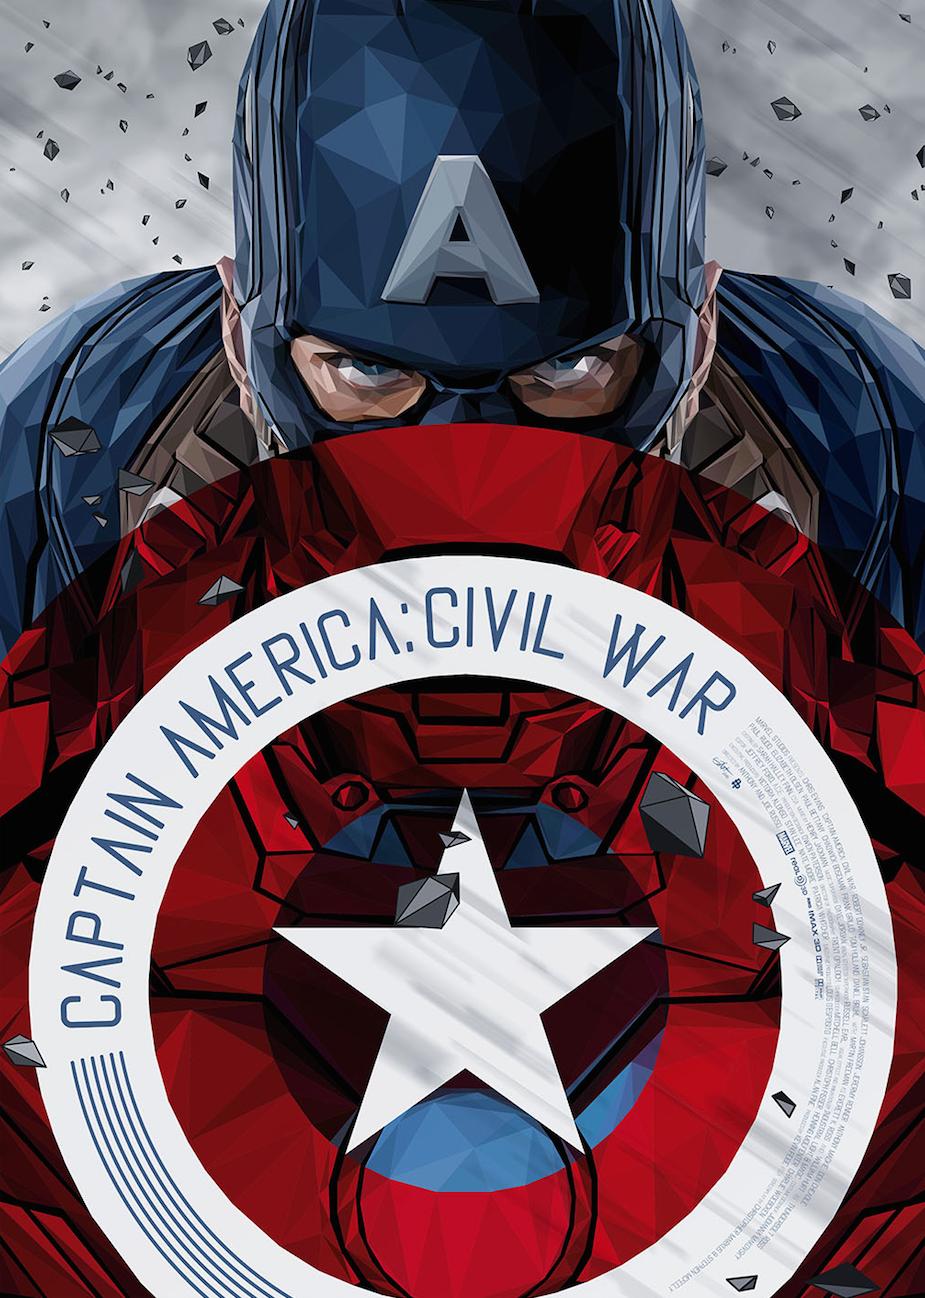 Marvel S Captain America Civil War Tribute On Behance Captain America Wallpaper Marvel Captain America Captain America Civil War